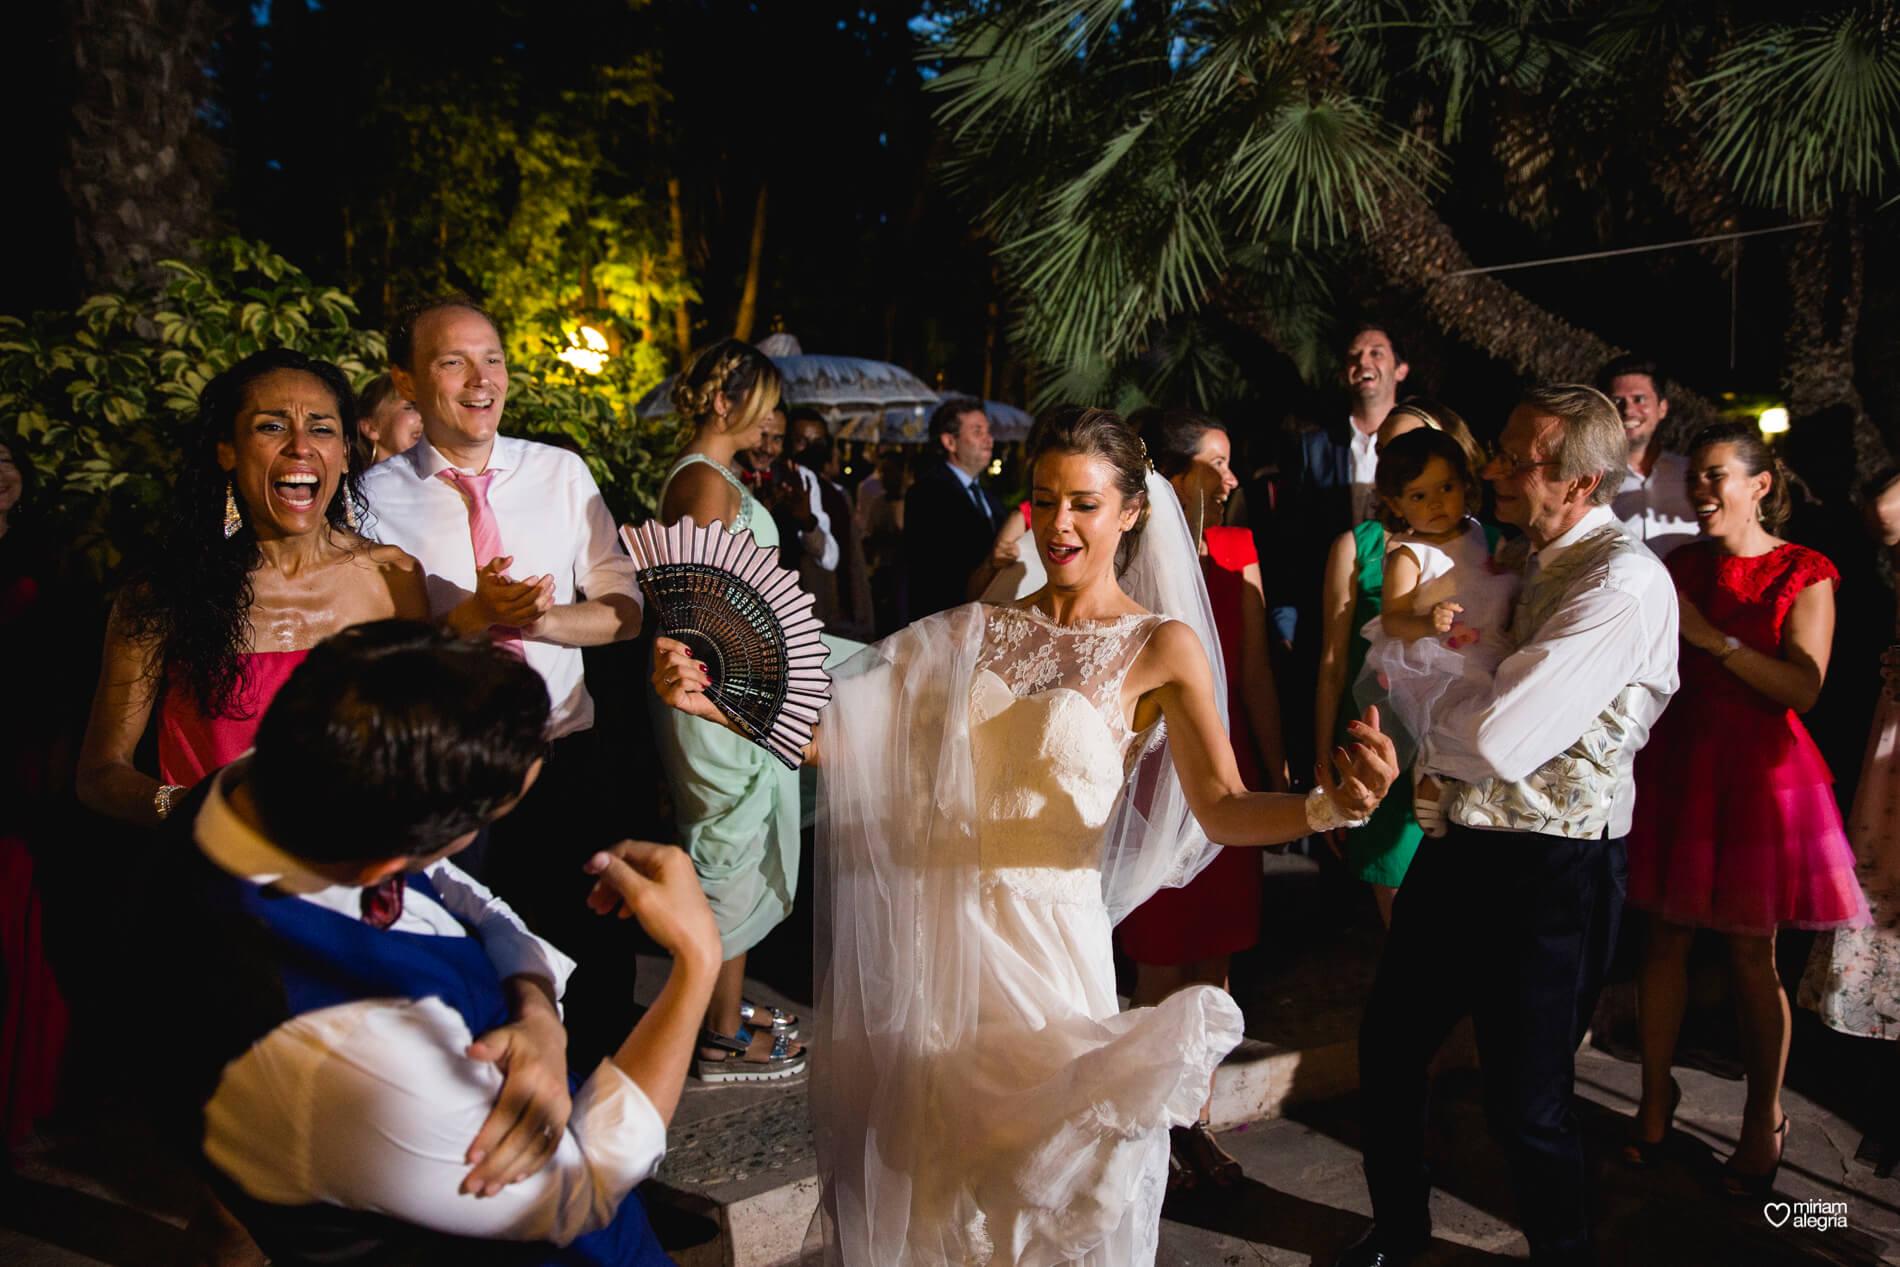 wedding-huerto-del-cura-elche-miriam-alegria-fotografos-boda-79